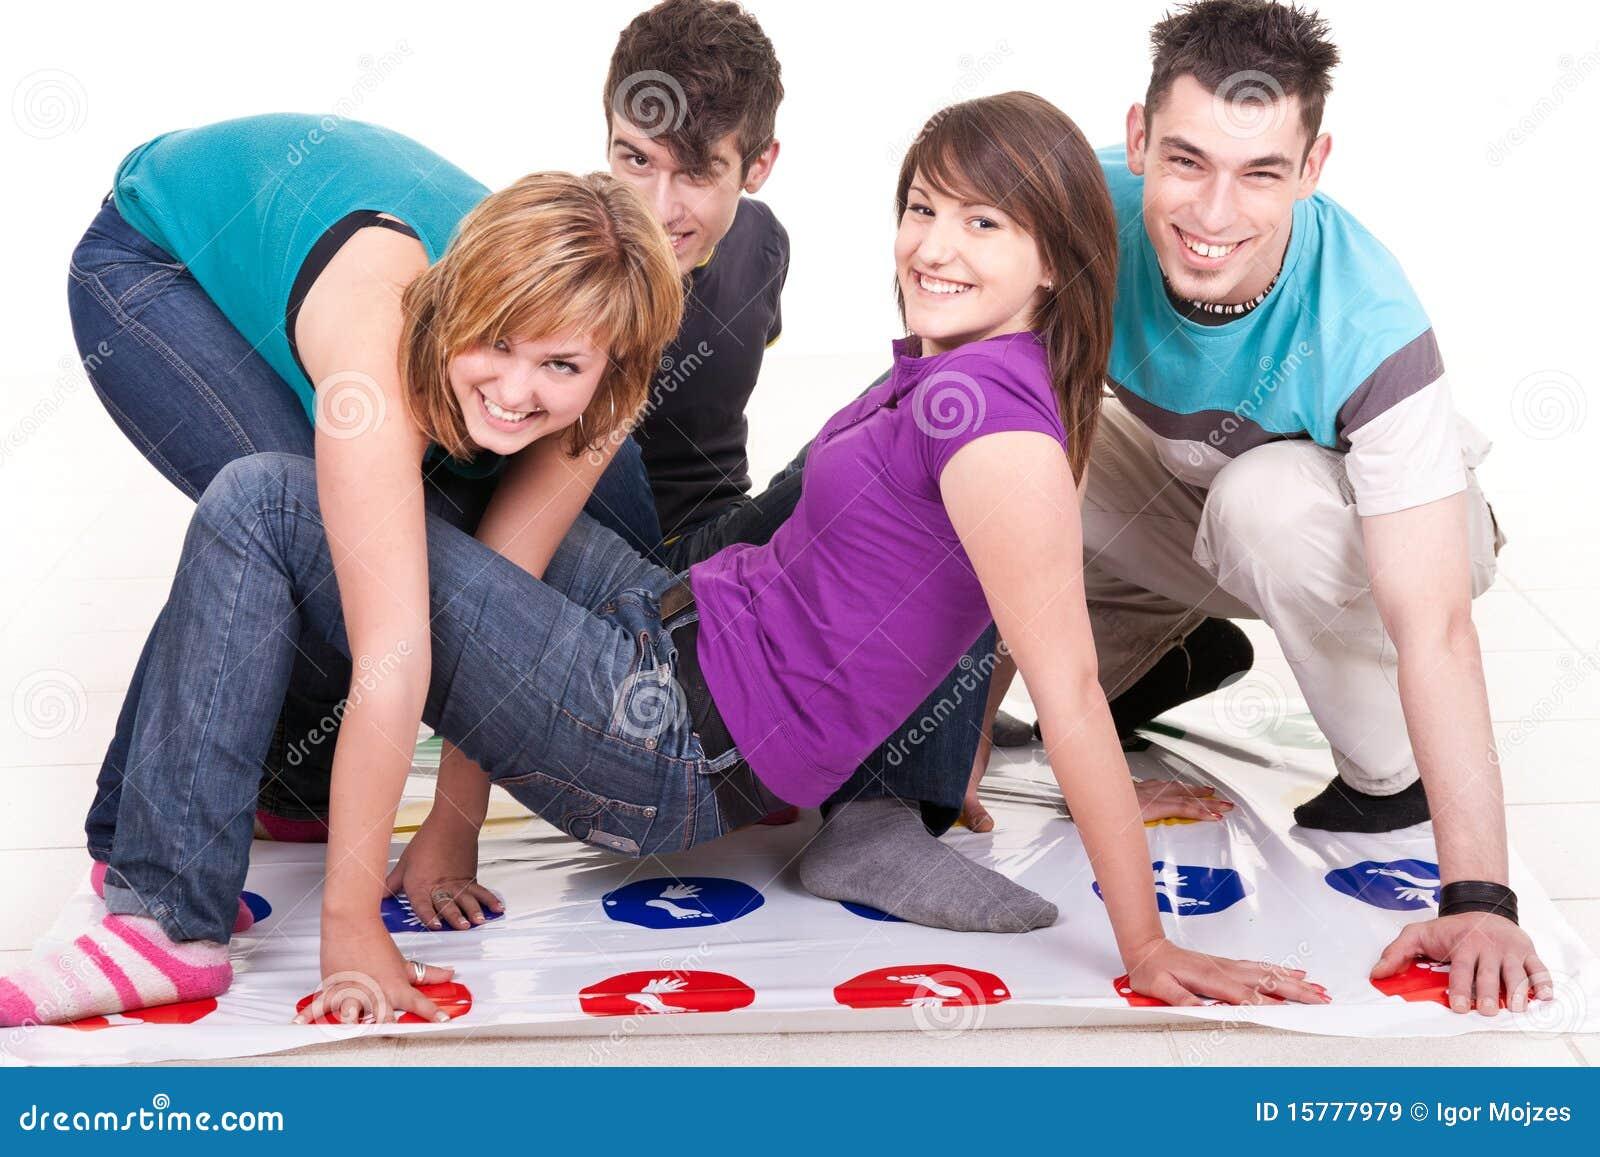 Twister Spielen